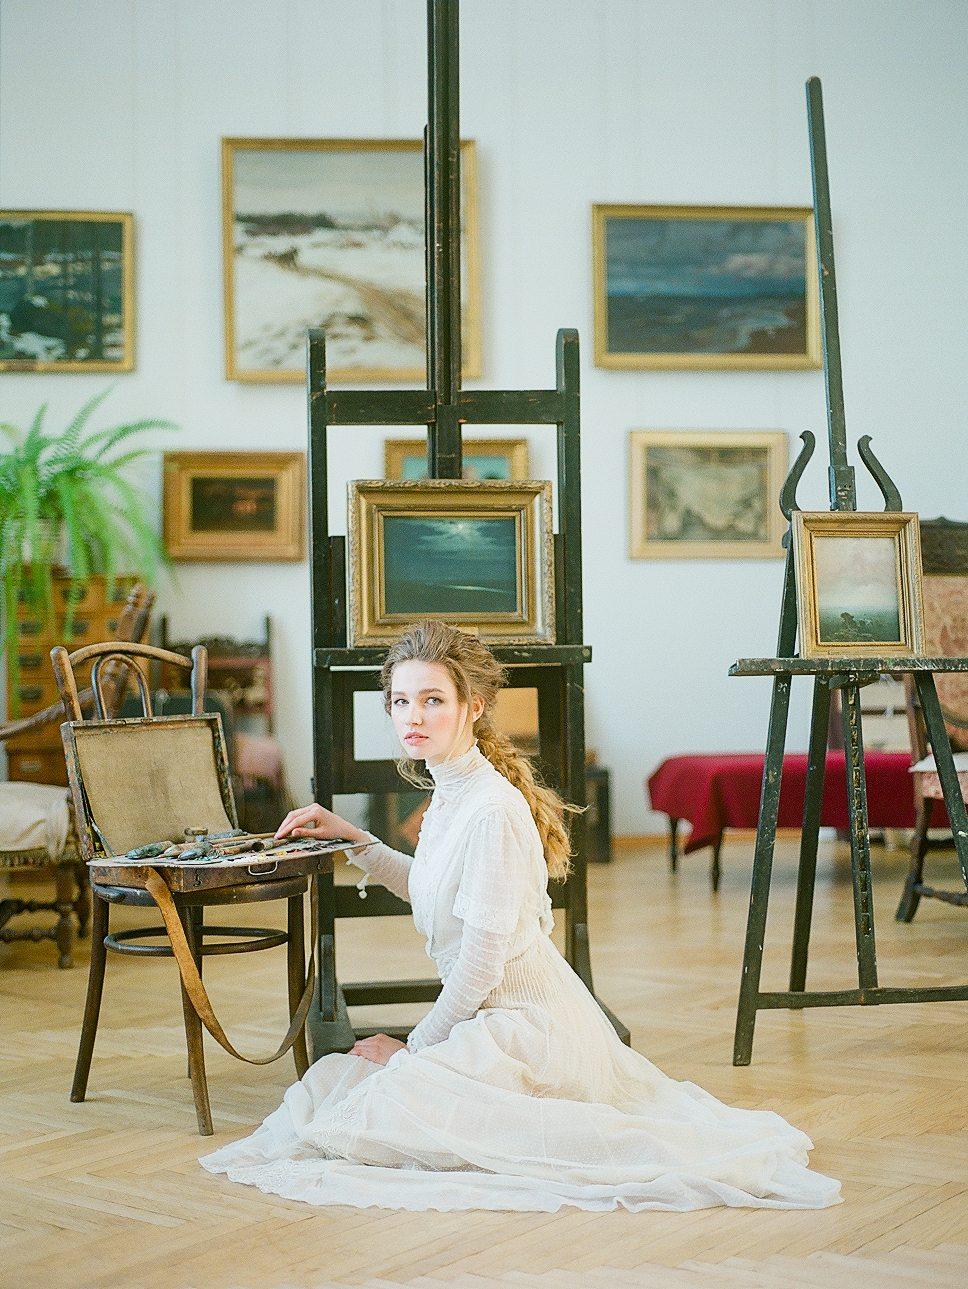 Художник света: стилизованная фотосессия